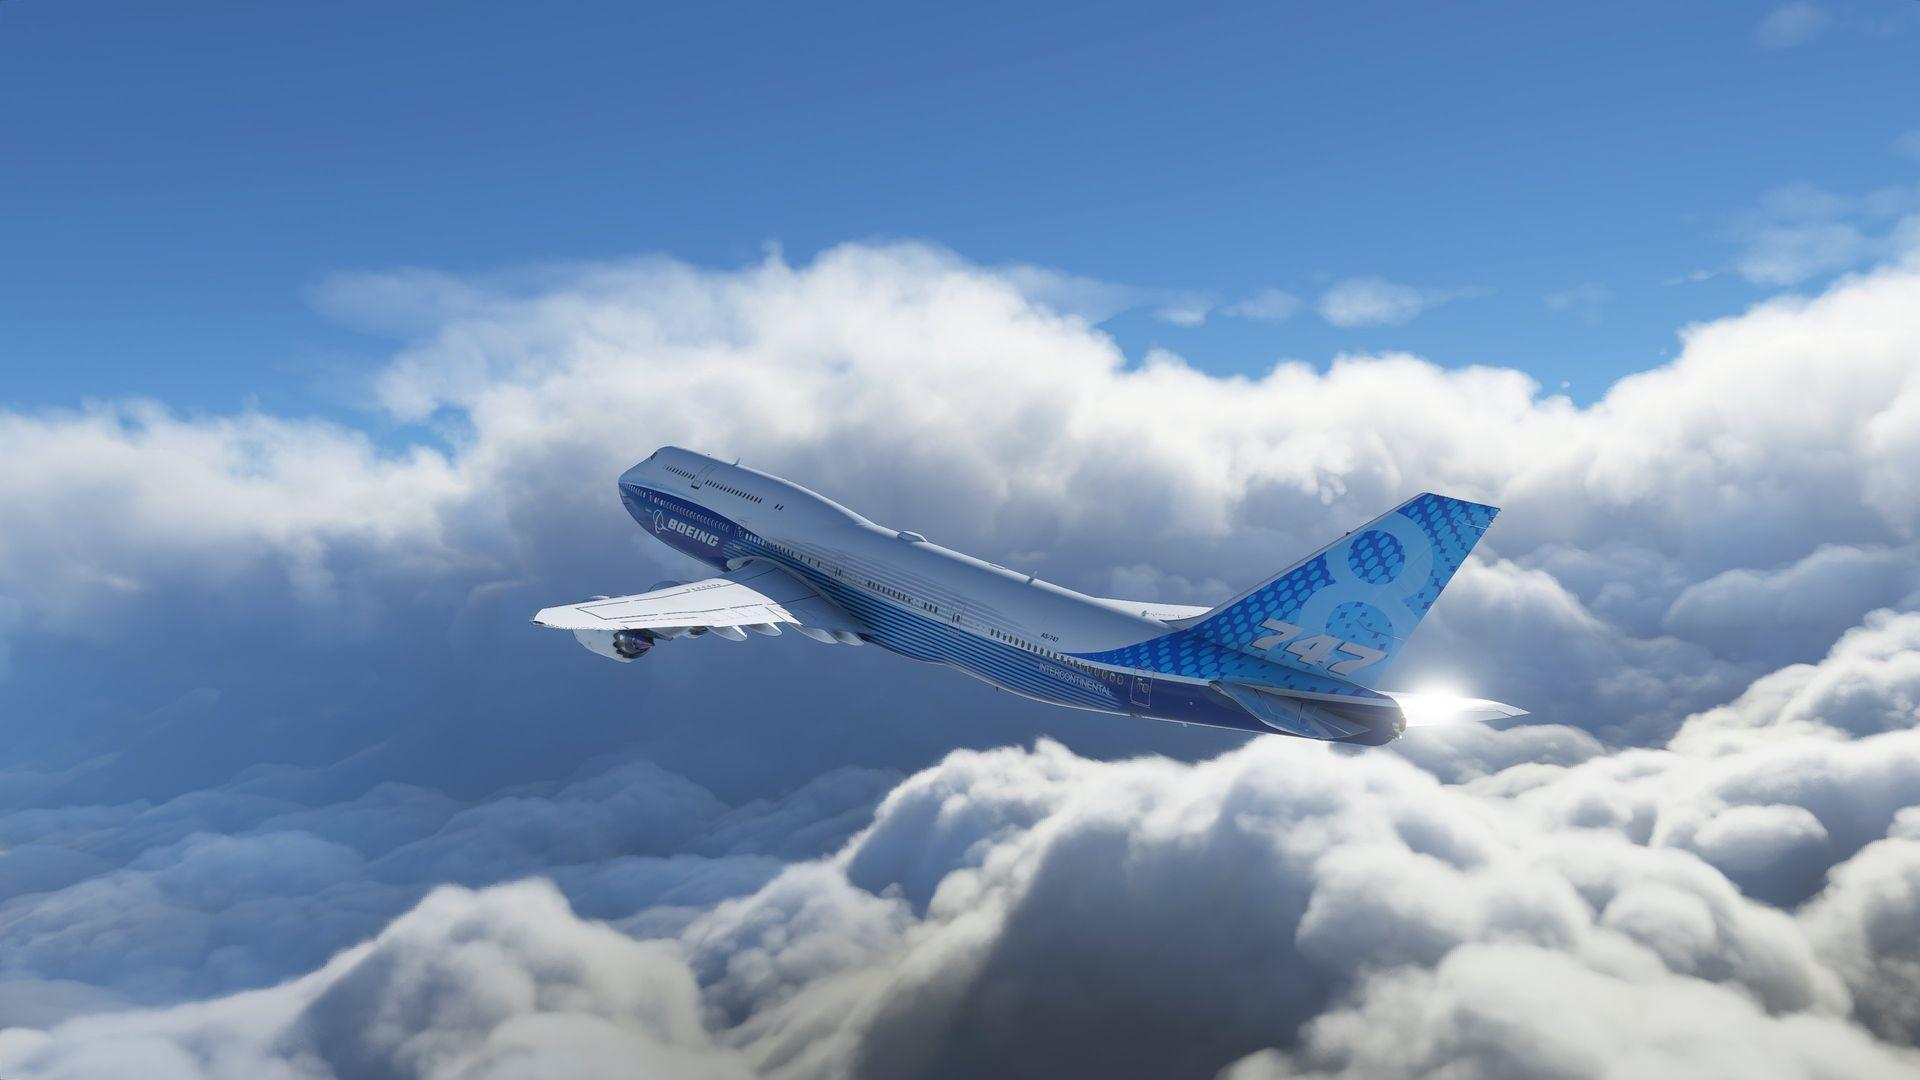 """超弩級のスケールで開発されている新「Flight Simulator」(<a href=""""https://game.watch.impress.co.jp/docs/kikaku/1218956.html"""" class=""""n"""" target=""""_blank"""">参考記事</a>)。BingとAzureによる精細な地表データの再現、風のシミュレーション、雲生成など、Microsoftのテクノロジーが存分に活かされている"""